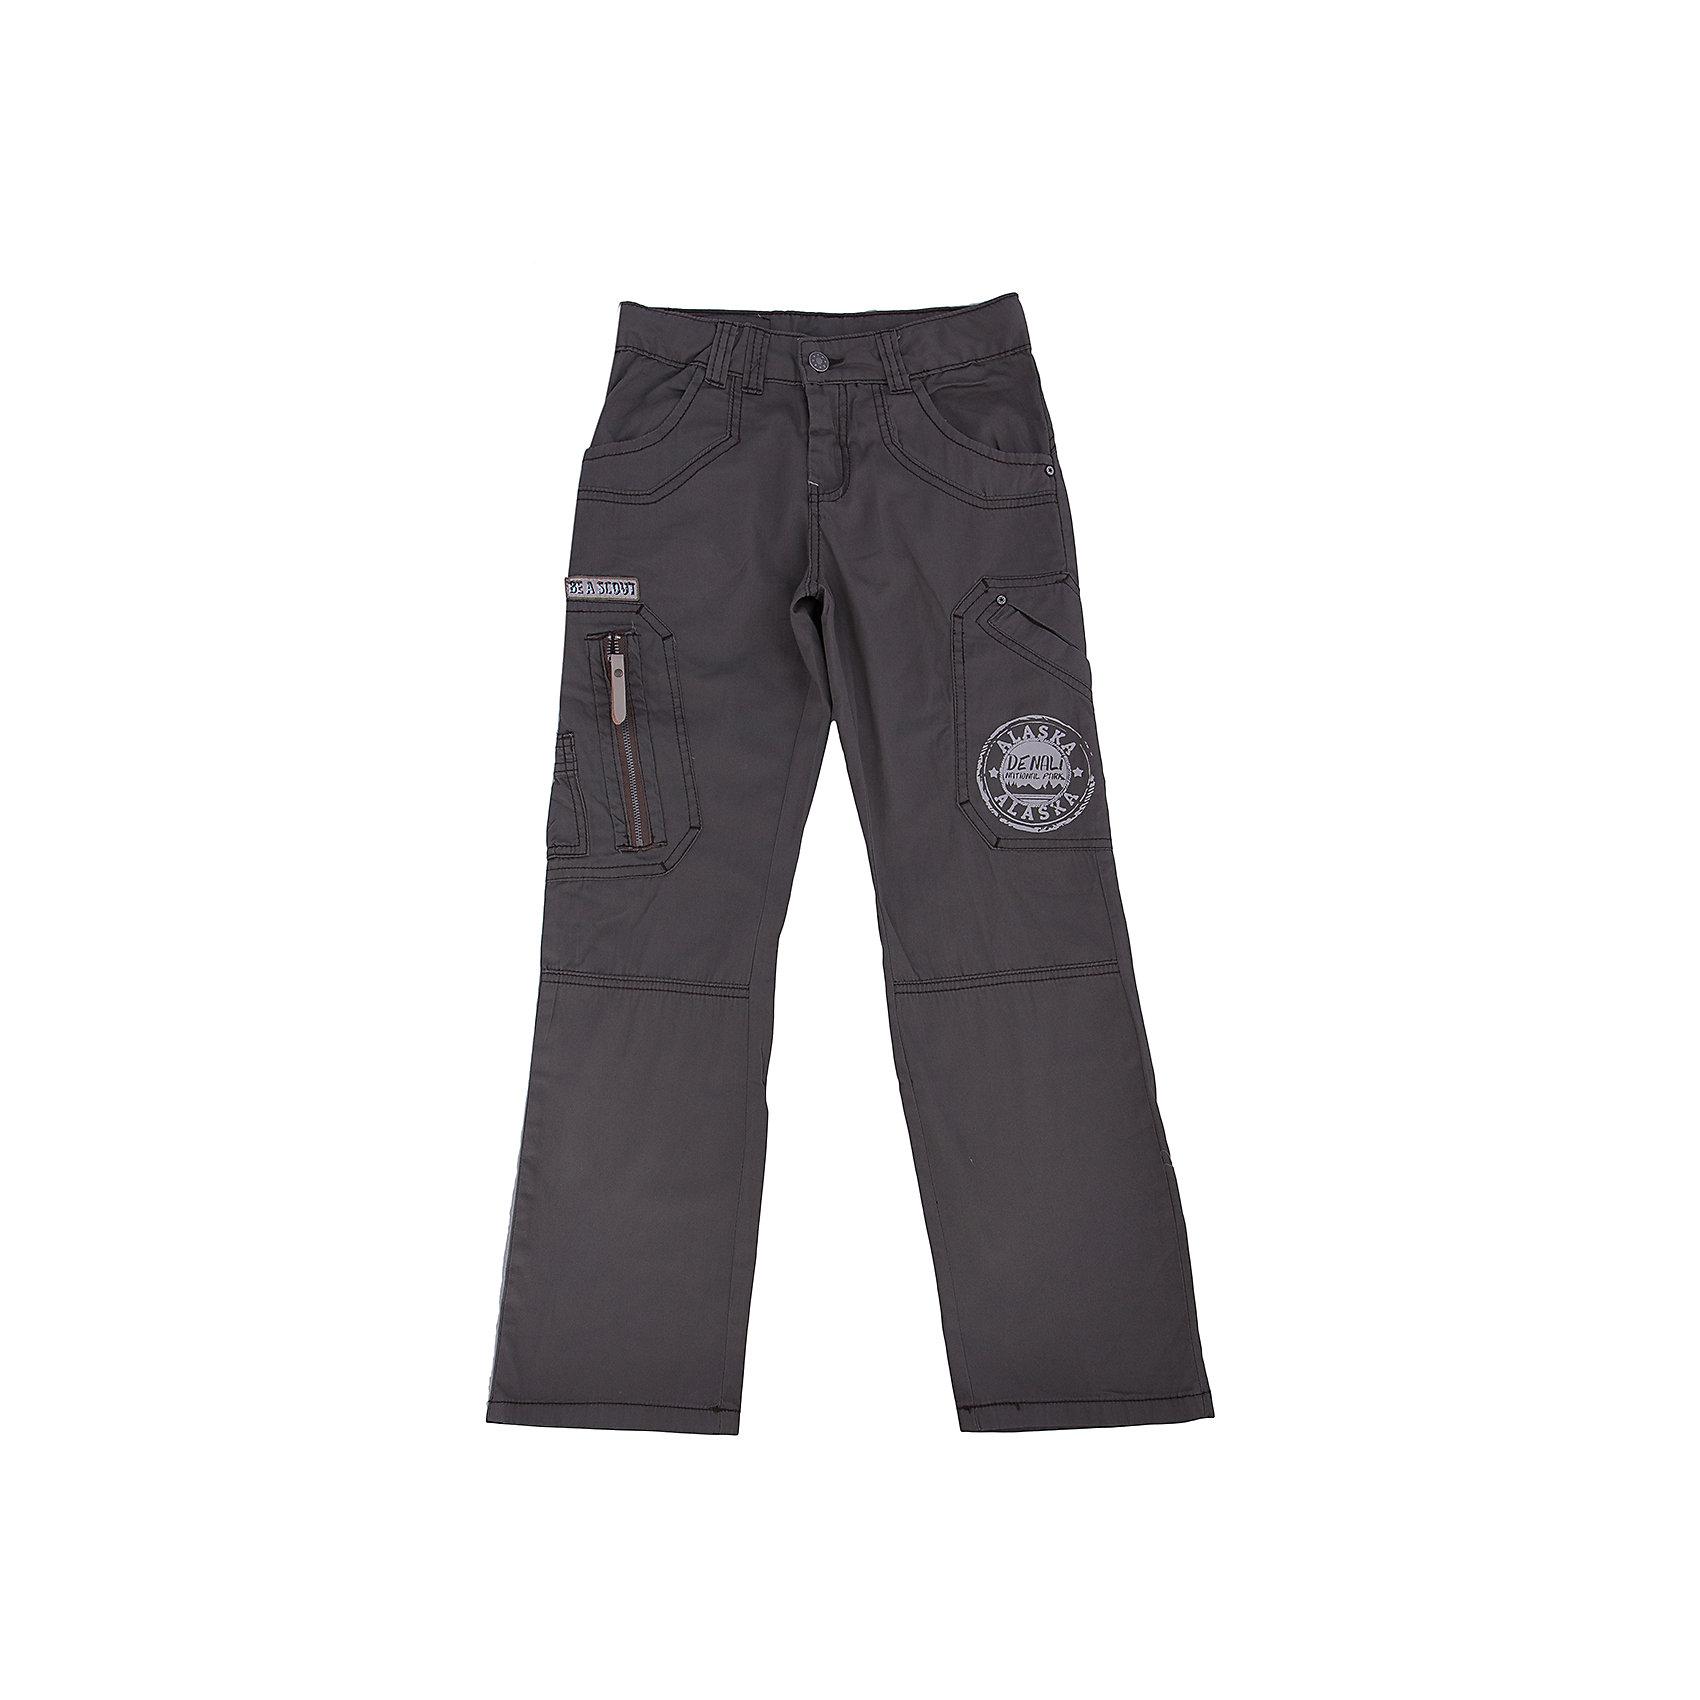 Брюки для мальчика PELICANБрюки<br>Модные брюки помогут разнообразить летний гардероб мальчика, создать подходящий погоде ансамбль. Удобный крой и качественный материал обеспечат ребенку комфорт при ношении этих вещей. <br>Брюки очень стильно смотрятся благодаря актуальному дизайну со множеством карманов и нашивками. Материал - легкий, отлично подходит для детской одежды, состоит из дышащего натурального хлопка. Очень приятен на ощупь, не вызывает аллергии.<br><br>Дополнительная информация:<br><br>материал: 100% хлопок;<br>цвет: зеленый;<br>украшены нашивками.<br><br>Брюки от бренда PELICAN (Пеликан) можно купить в нашем магазине.<br><br>Ширина мм: 215<br>Глубина мм: 88<br>Высота мм: 191<br>Вес г: 336<br>Цвет: зеленый<br>Возраст от месяцев: 96<br>Возраст до месяцев: 108<br>Пол: Мужской<br>Возраст: Детский<br>Размер: 134,140,128,146<br>SKU: 4804895